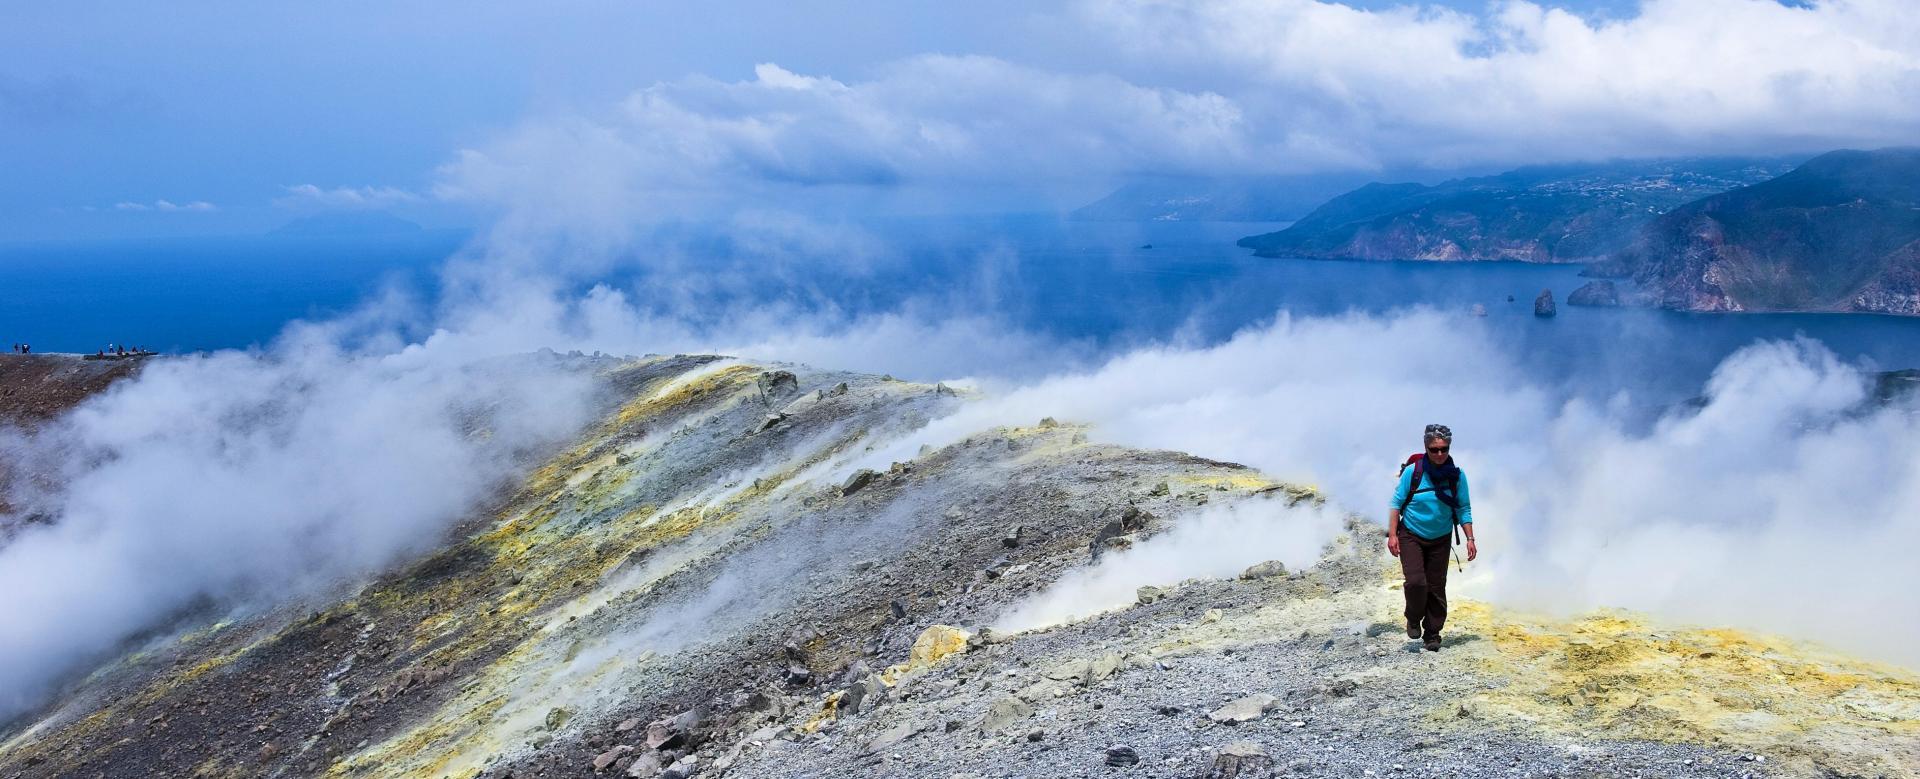 Voyage à pied Italie : Volcans des eoliennes et de l'etna